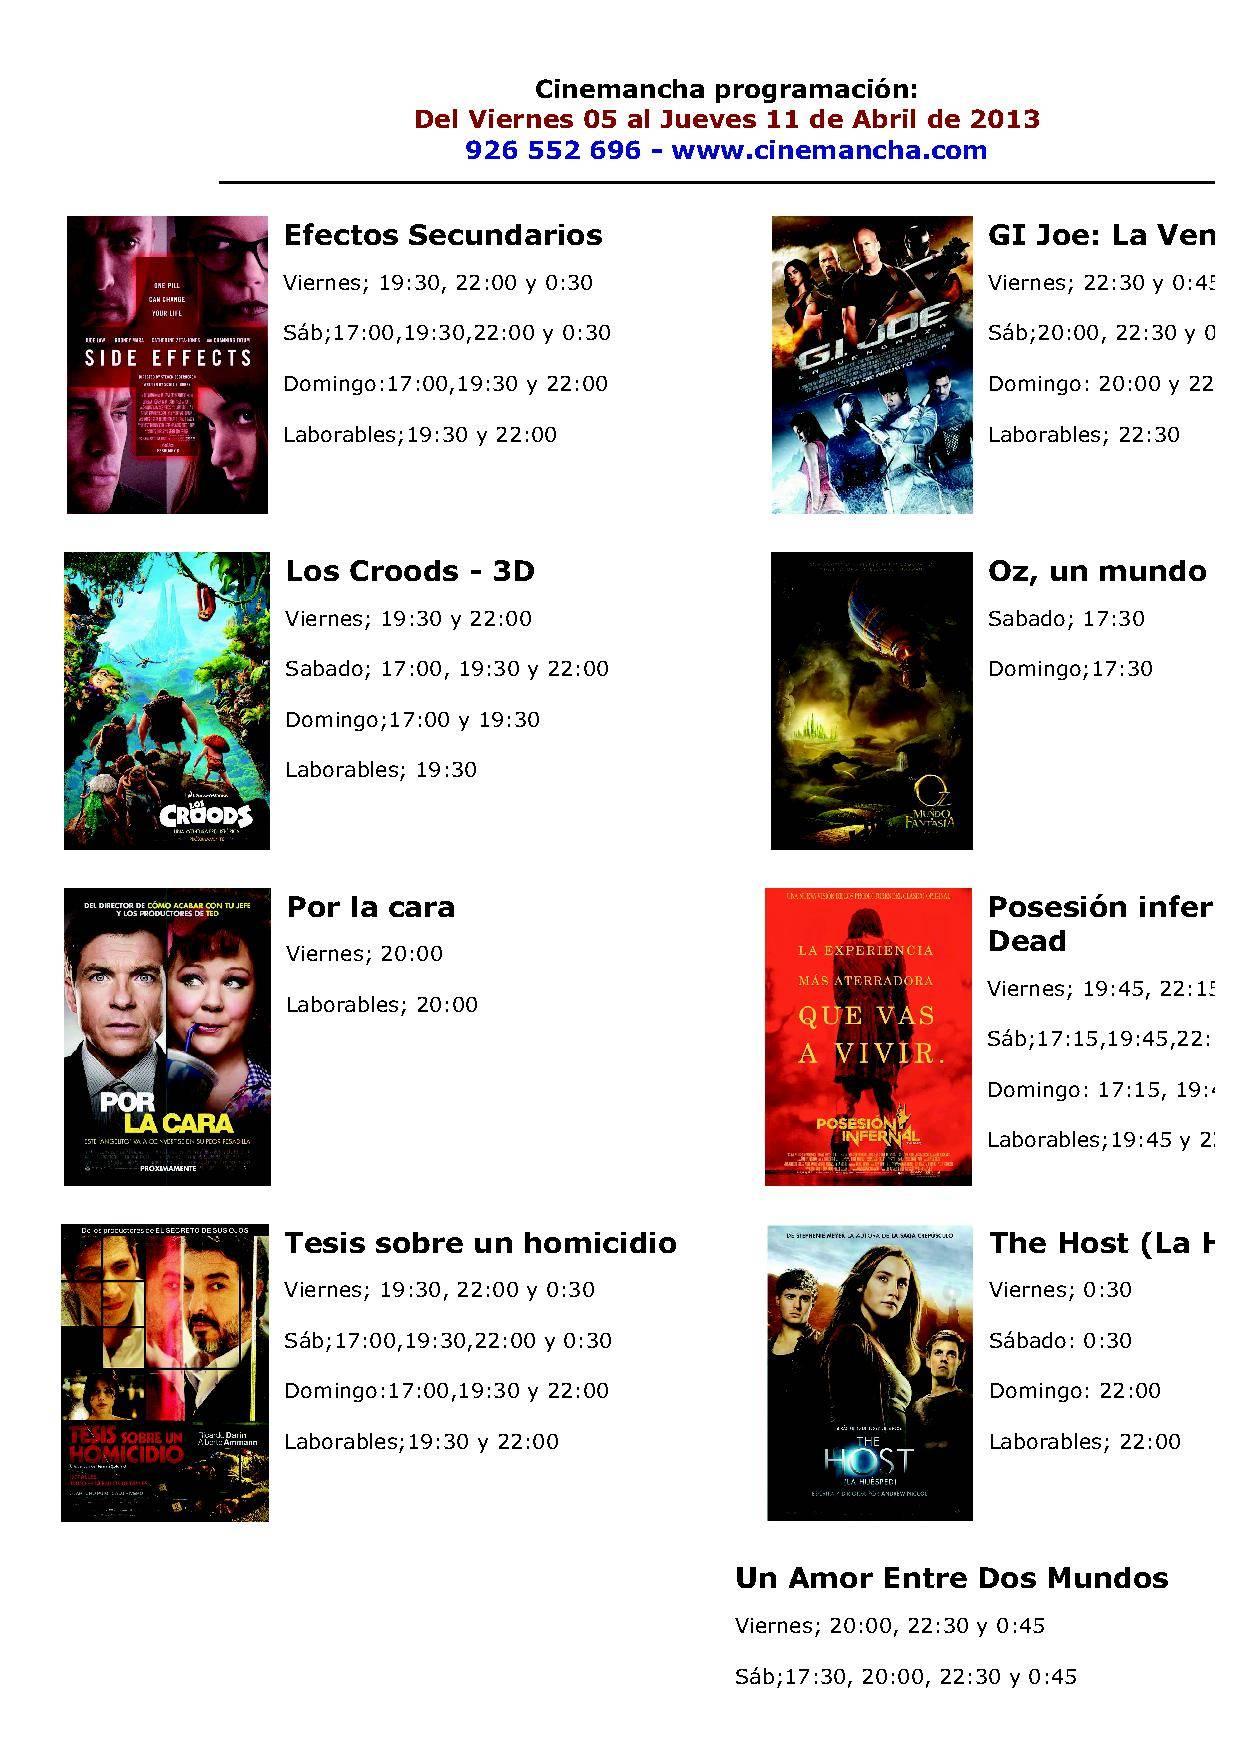 Programación Cinemancha del viernes 5 al jueves 11 de abril 1